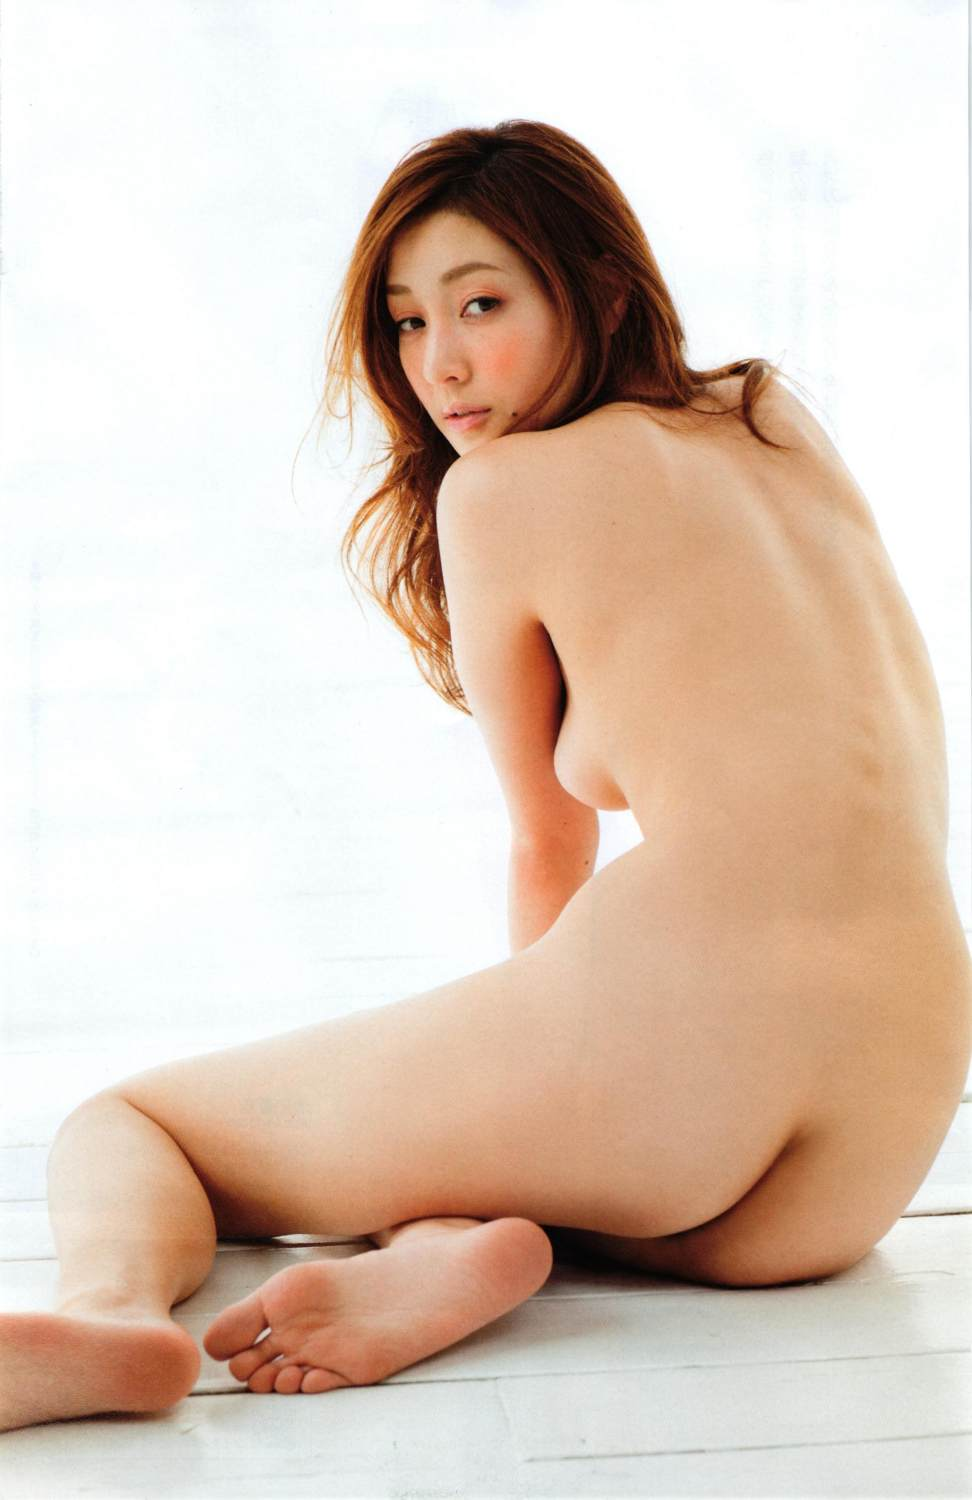 美しい芸能人のセクシーな美尻 (11)